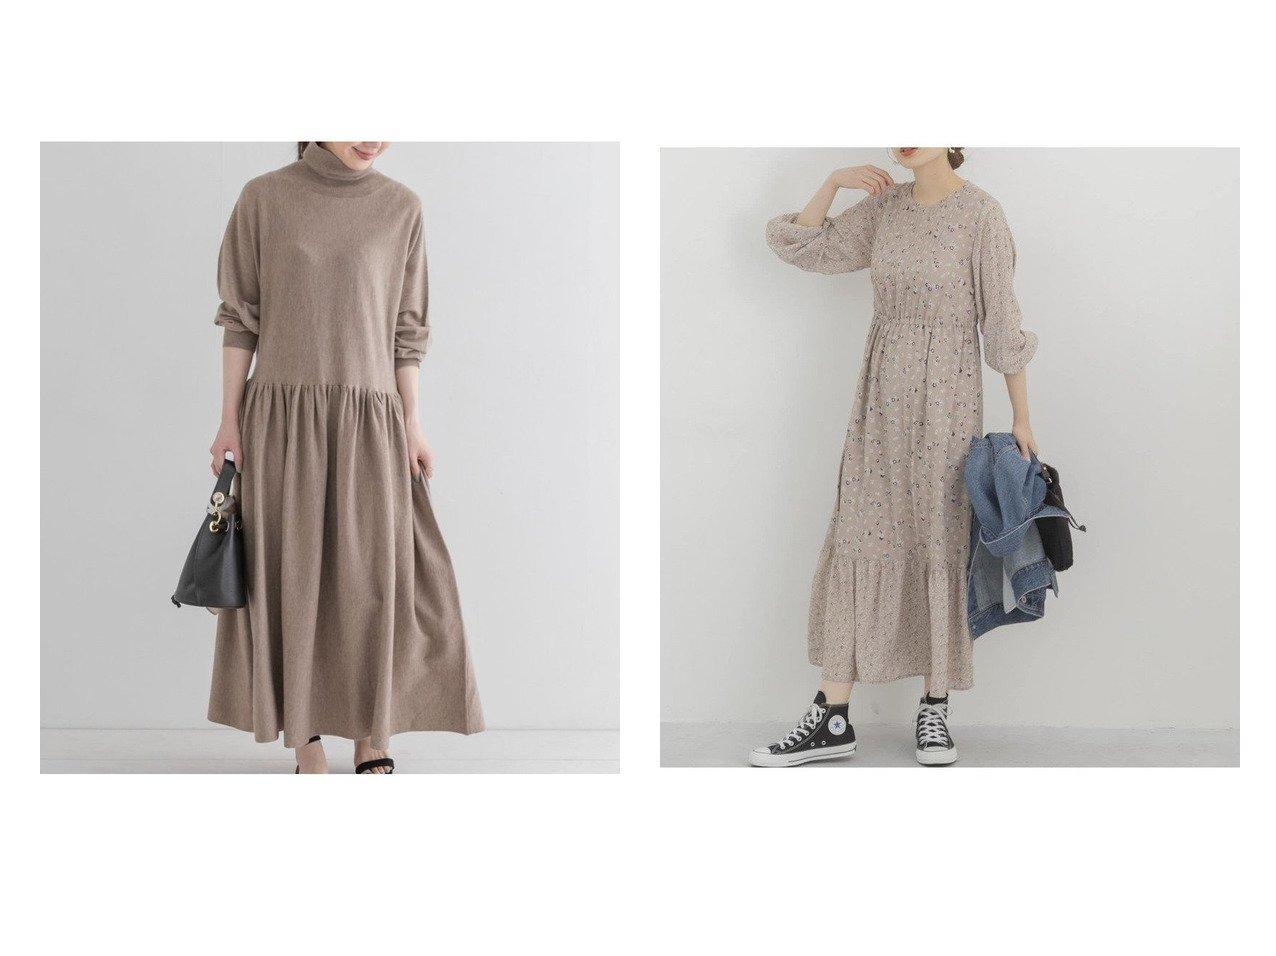 【Sonny Label / URBAN RESEARCH/サニーレーベル】のパッチワークフラワープリントワンピース&ウエストギャザーニットワンピース ワンピース・ドレスのおすすめ!人気、トレンド・レディースファッションの通販 おすすめで人気の流行・トレンド、ファッションの通販商品 メンズファッション・キッズファッション・インテリア・家具・レディースファッション・服の通販 founy(ファニー) https://founy.com/ ファッション Fashion レディースファッション WOMEN ワンピース Dress ニットワンピース Knit Dresses NEW・新作・新着・新入荷 New Arrivals パッチワーク フラワー フレア モチーフ 再入荷 Restock/Back in Stock/Re Arrival 切替 |ID:crp329100000013480